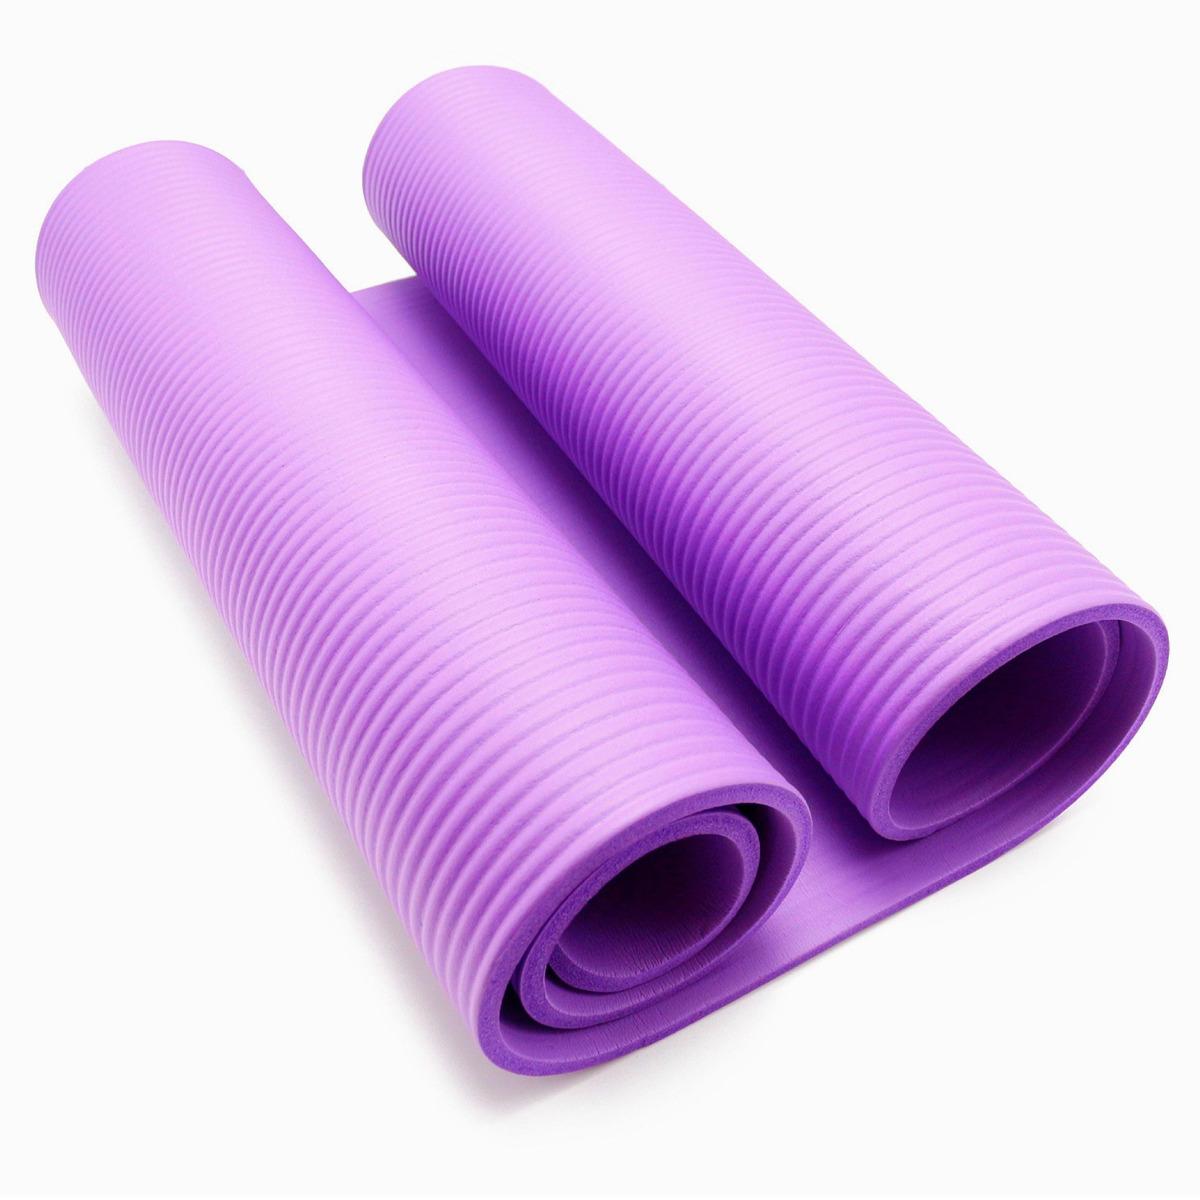 35e10dcdd tapete de yoga confort cor roxo em nbr e 8mm. Carregando zoom.